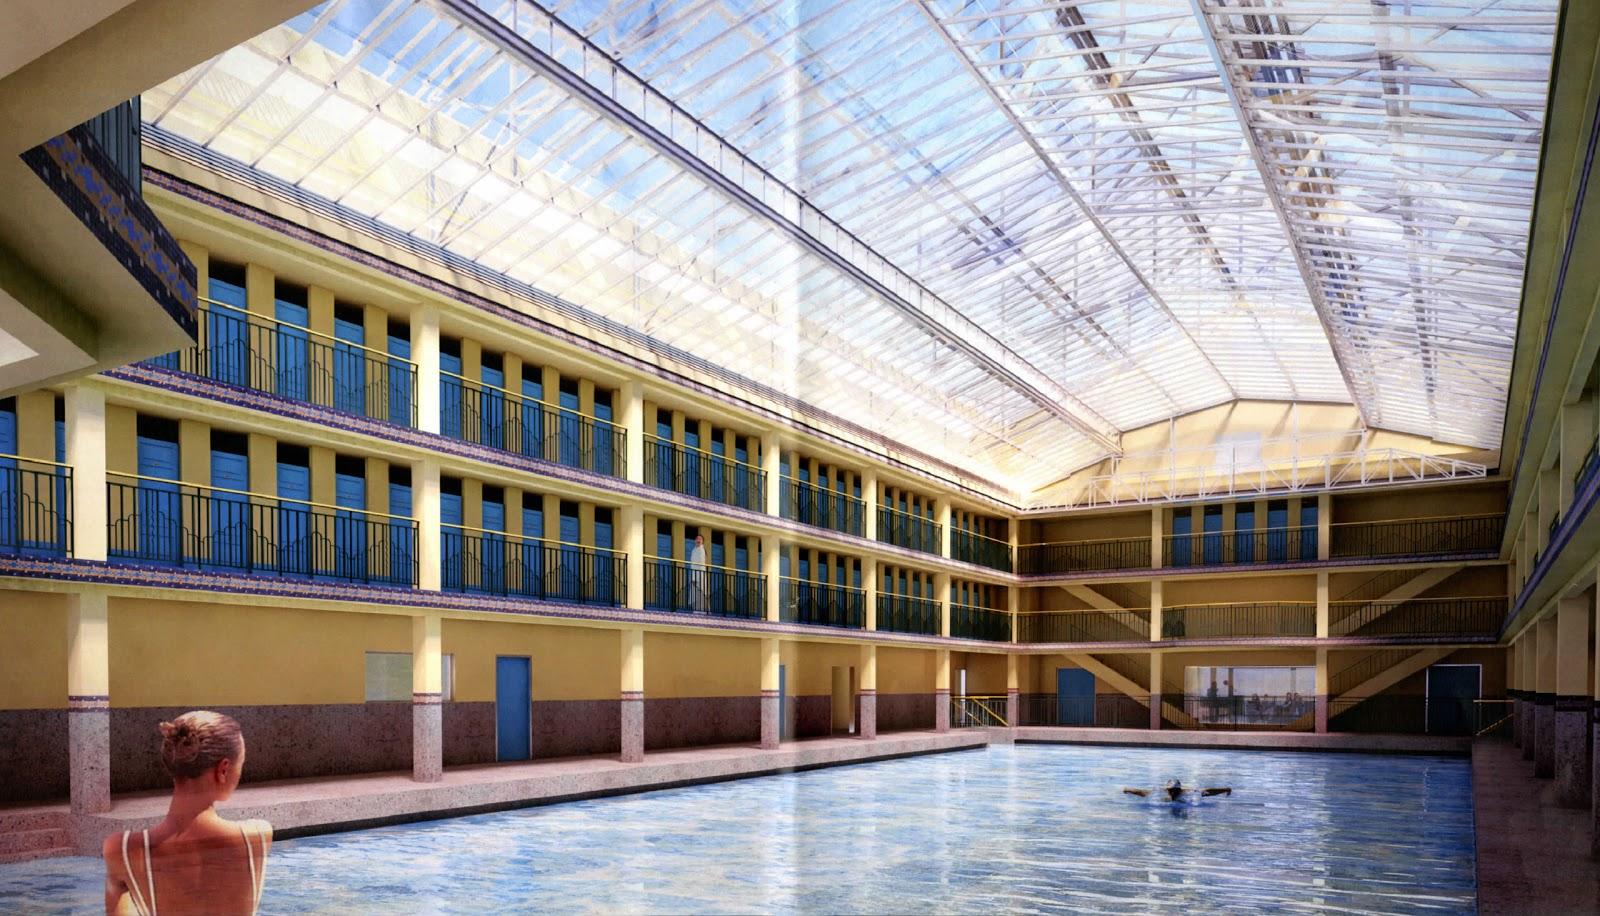 Cbe le blog de c line boulay esp ronnier la renaissance for Renaissance piscine